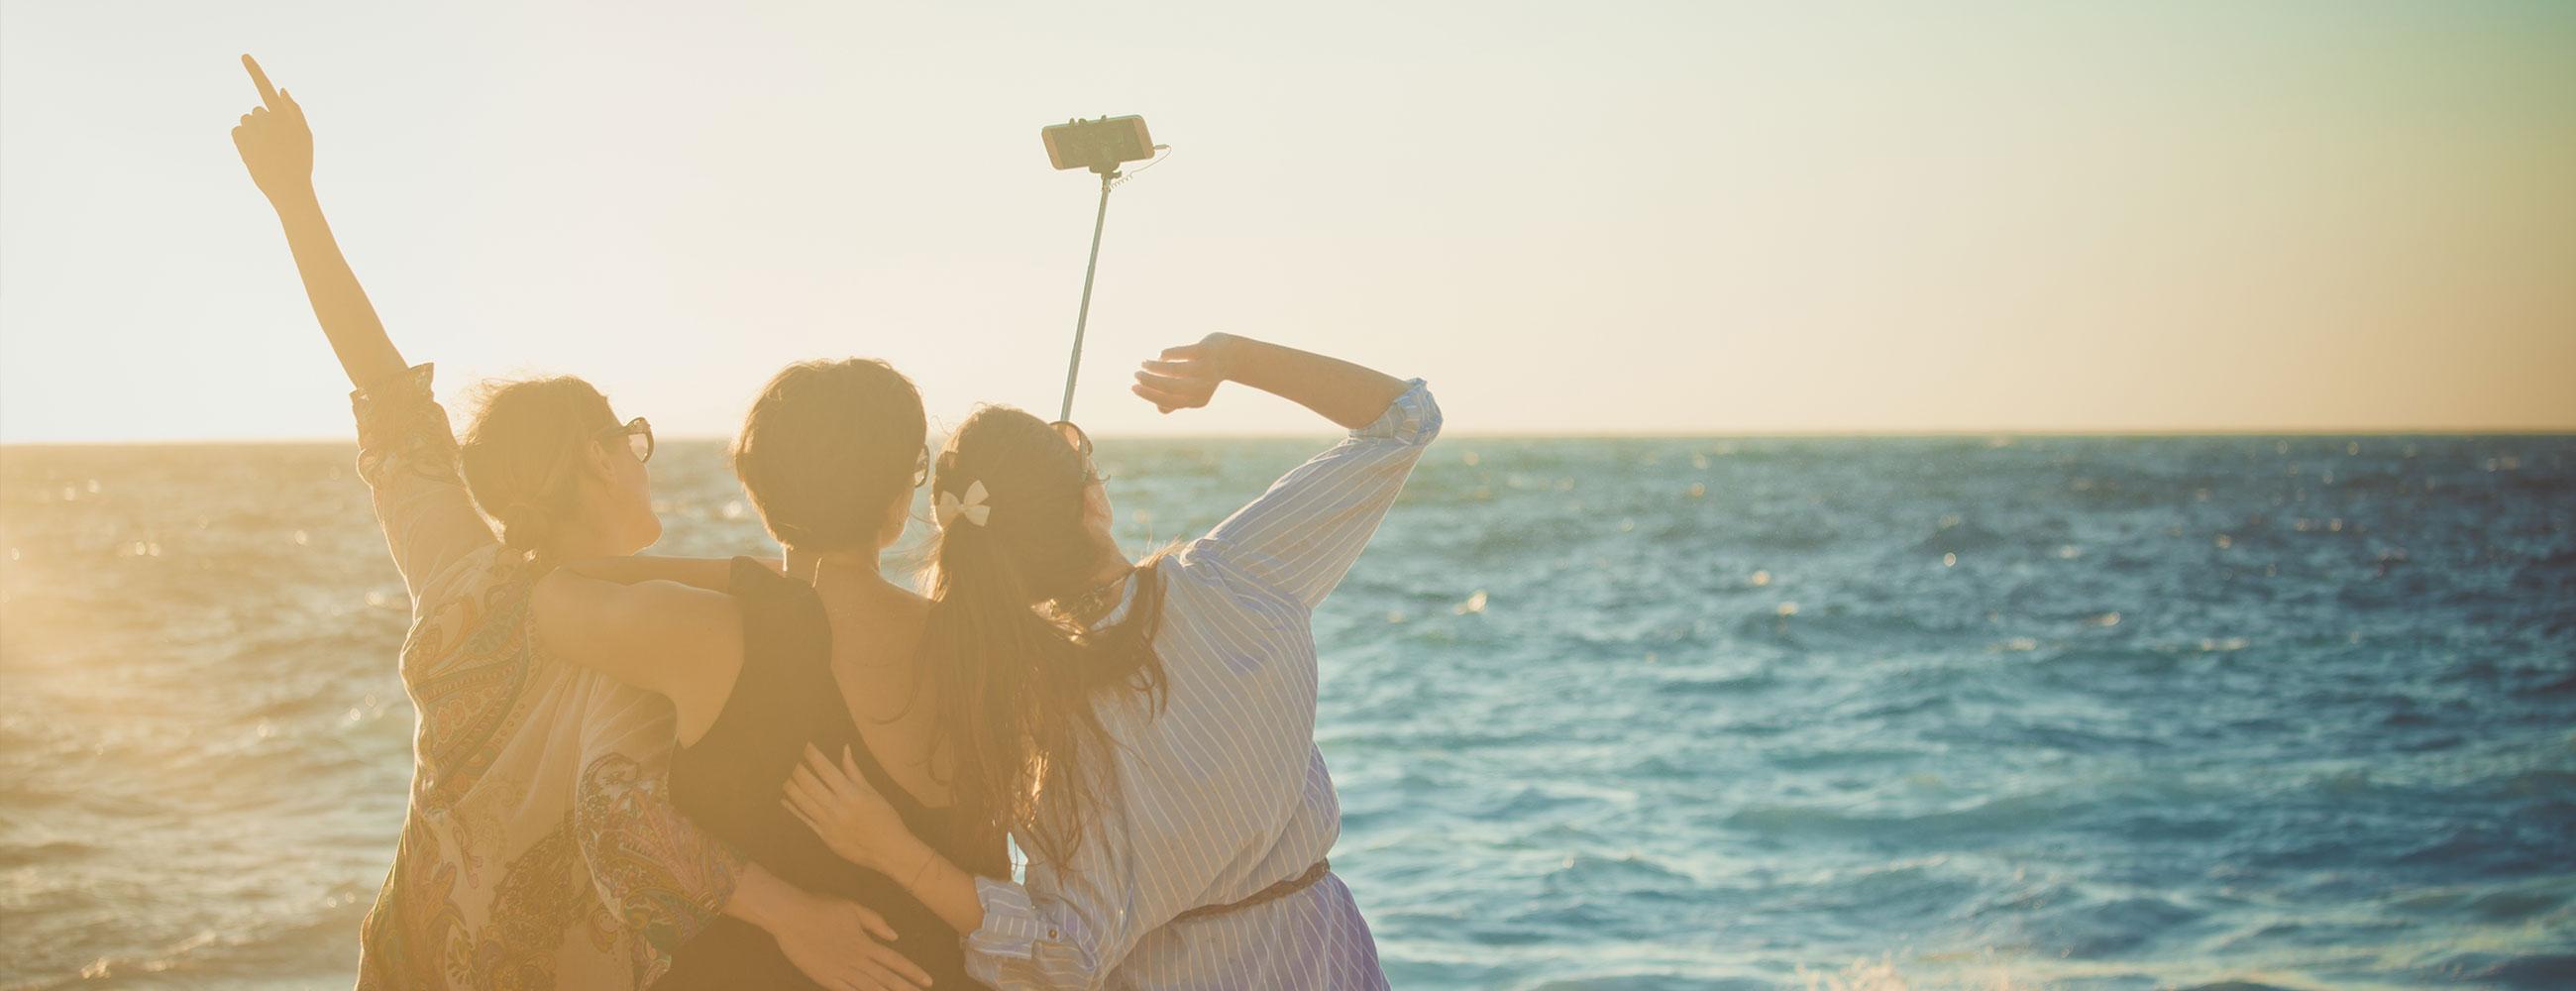 worlds-most-selfie